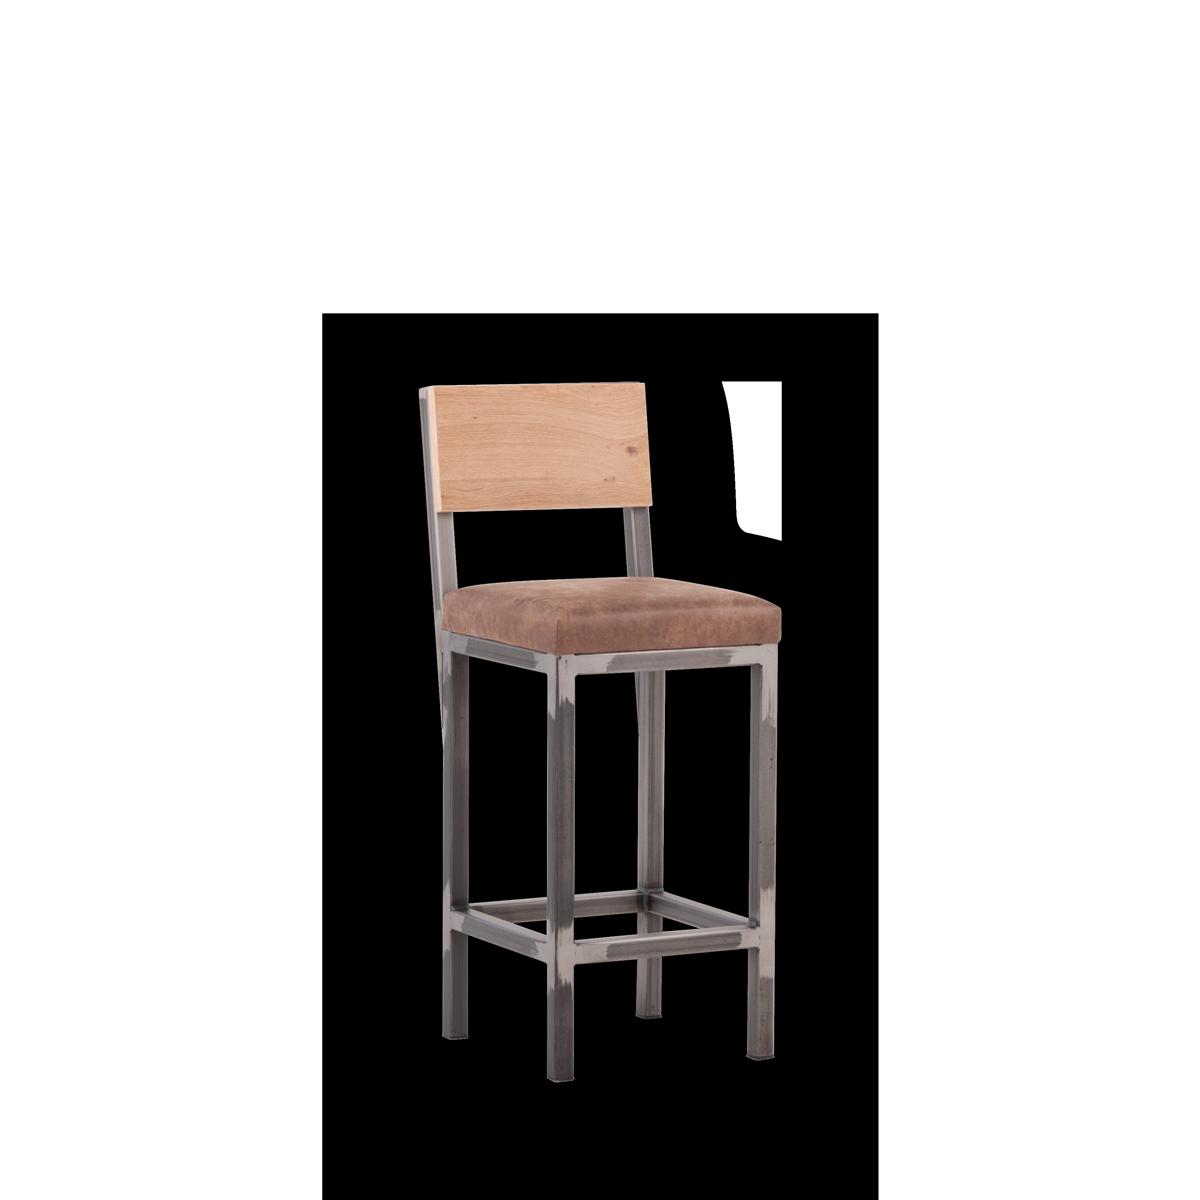 Barhocker im Industrial Design mit Stahlrahmen, Sitzpolster mit Lederbezug und Rückenlehne in Eiche Natur